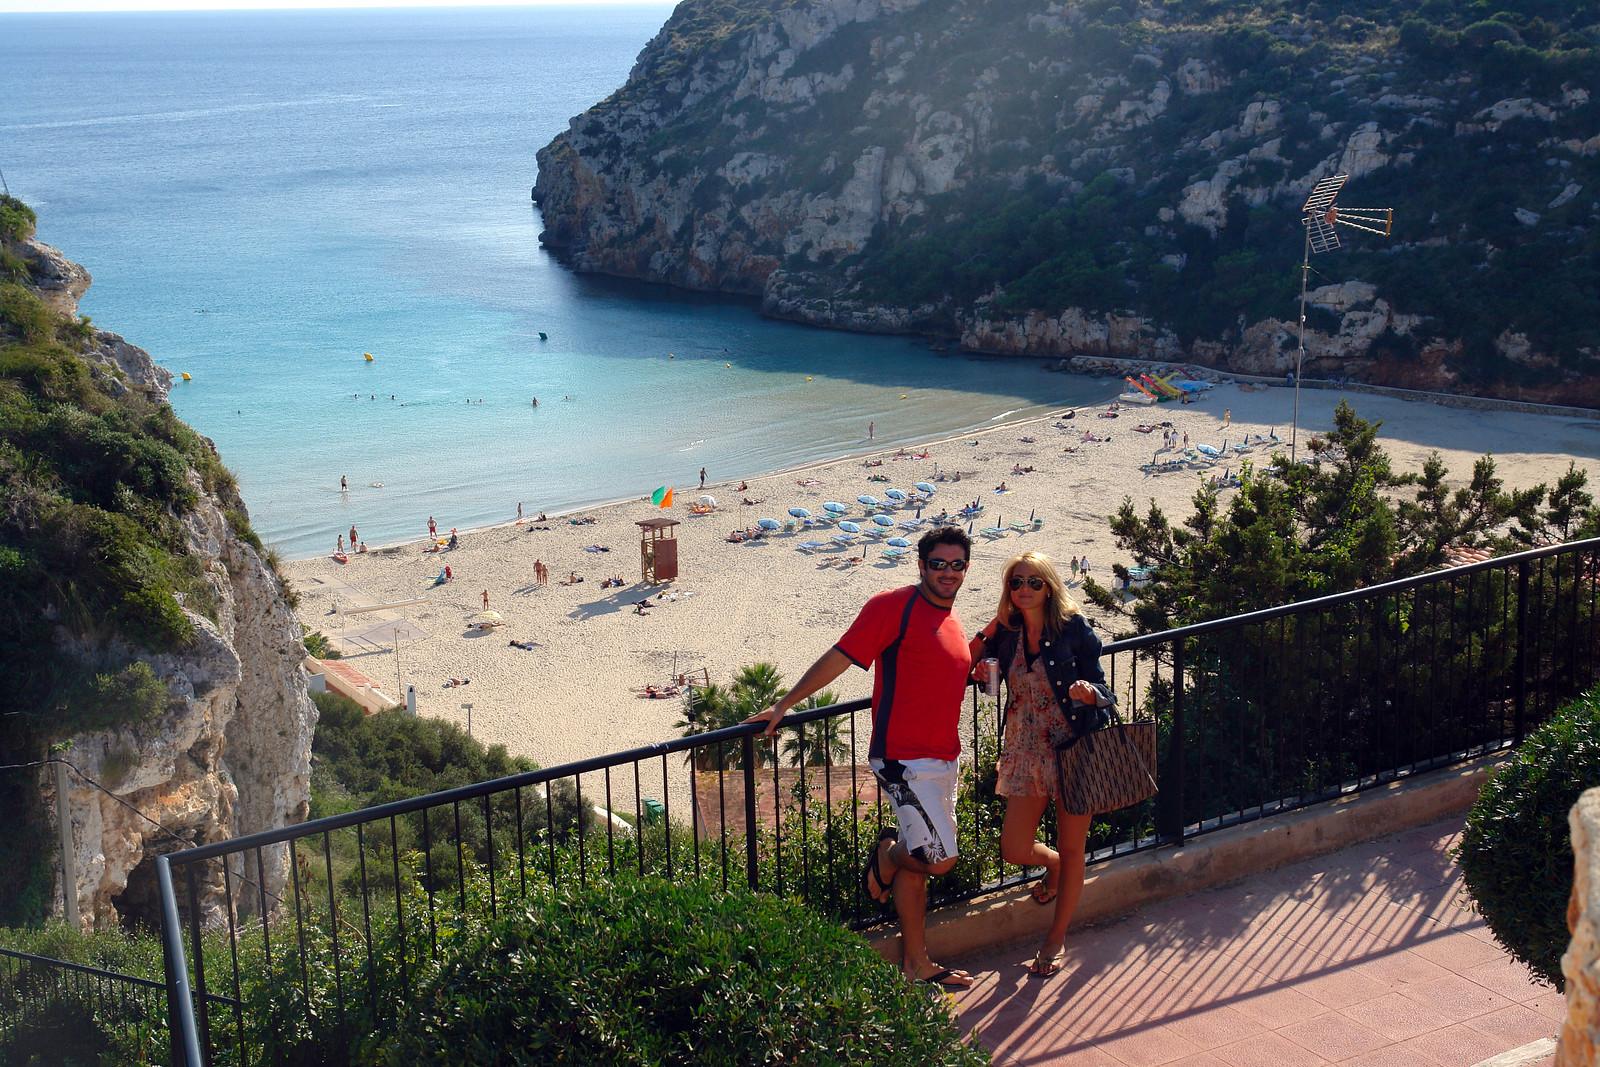 Qué ver en Menorca, Islas Baleares - thewotme qué ver en menorca - 50046235203 168c08e979 h - Qué ver en Menorca, lugares a NO perderse